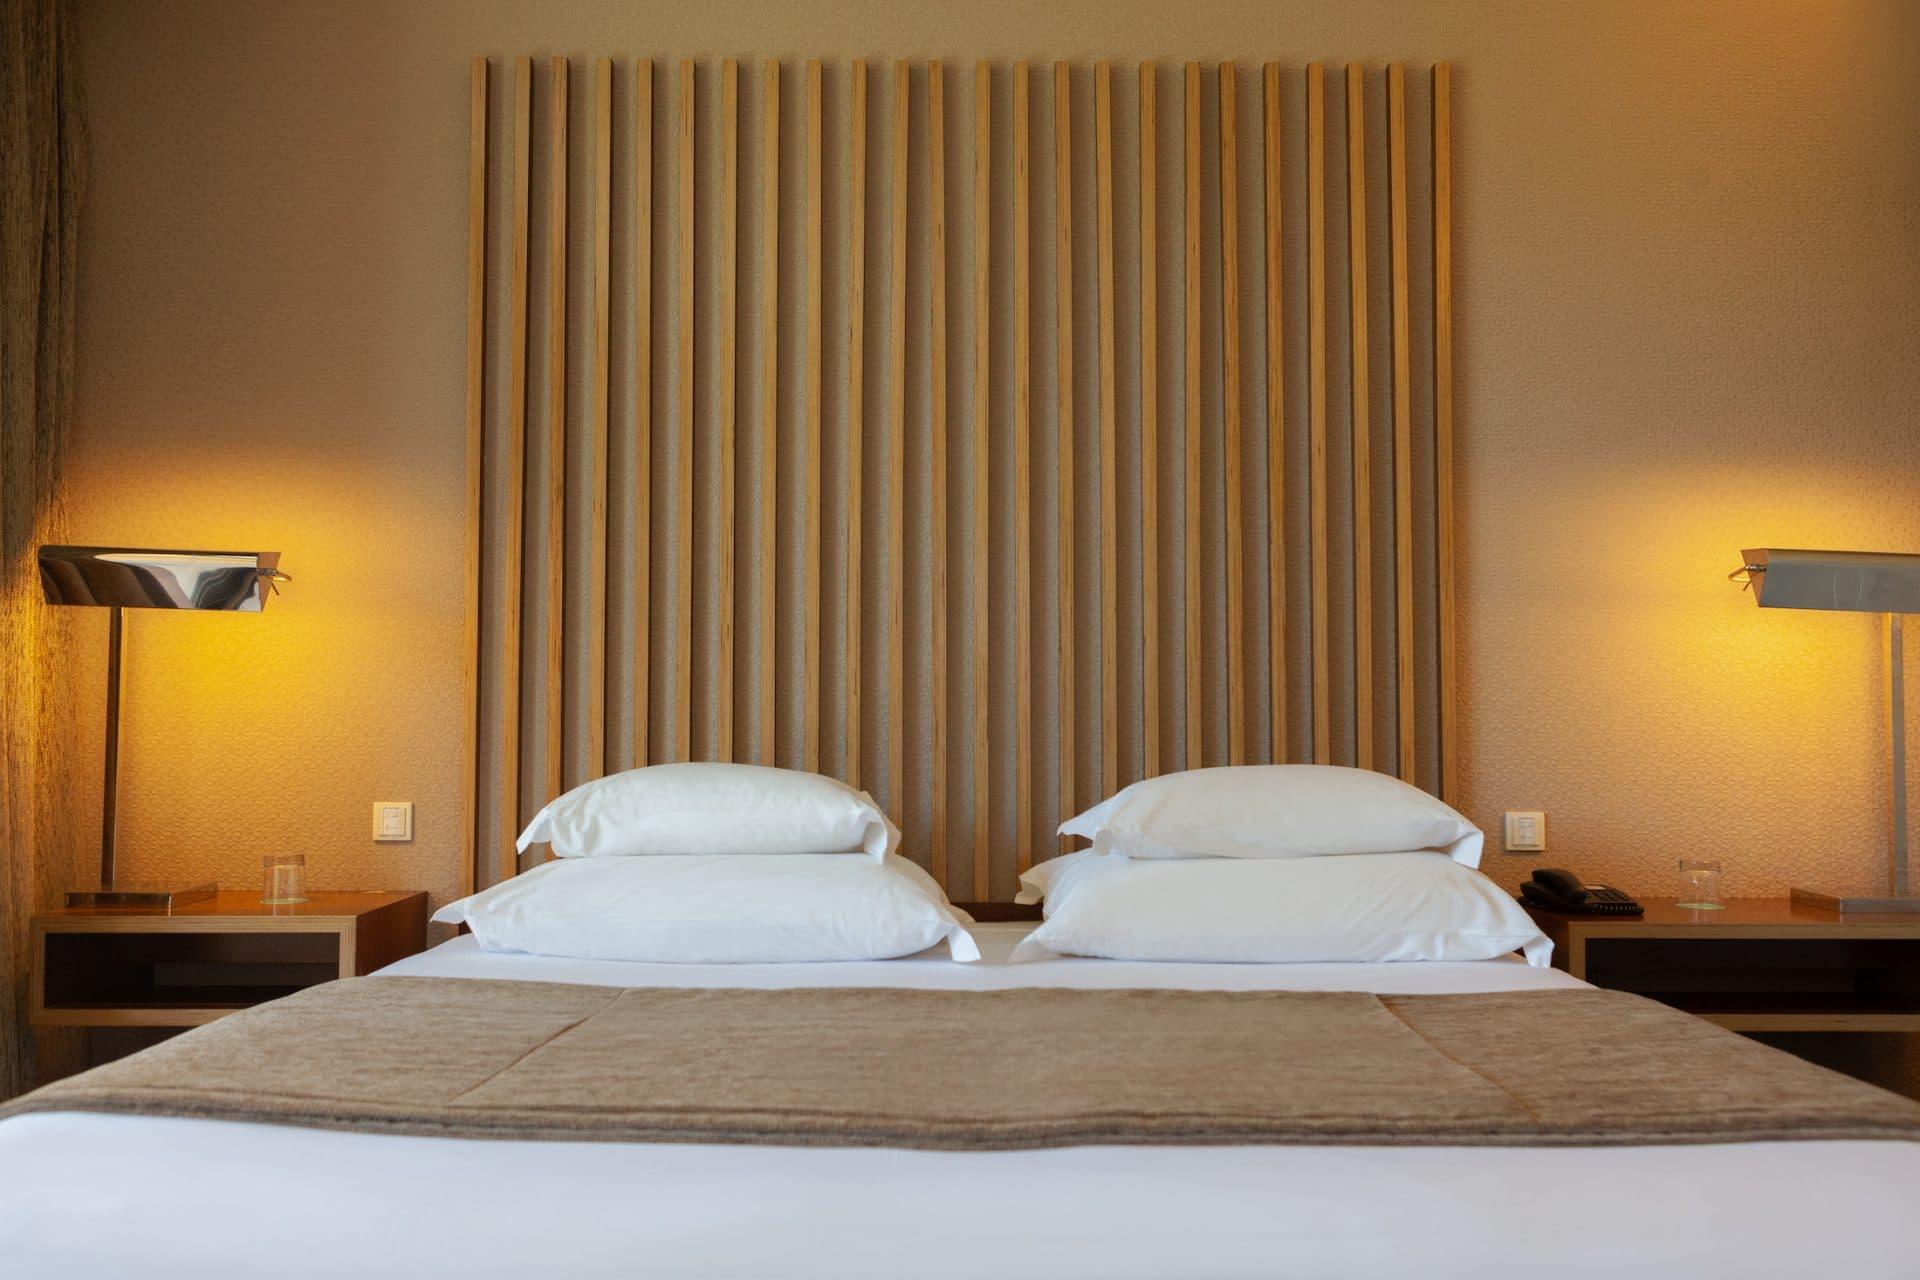 accommodation-prestige-vidamar-hotels-resorts-algarve